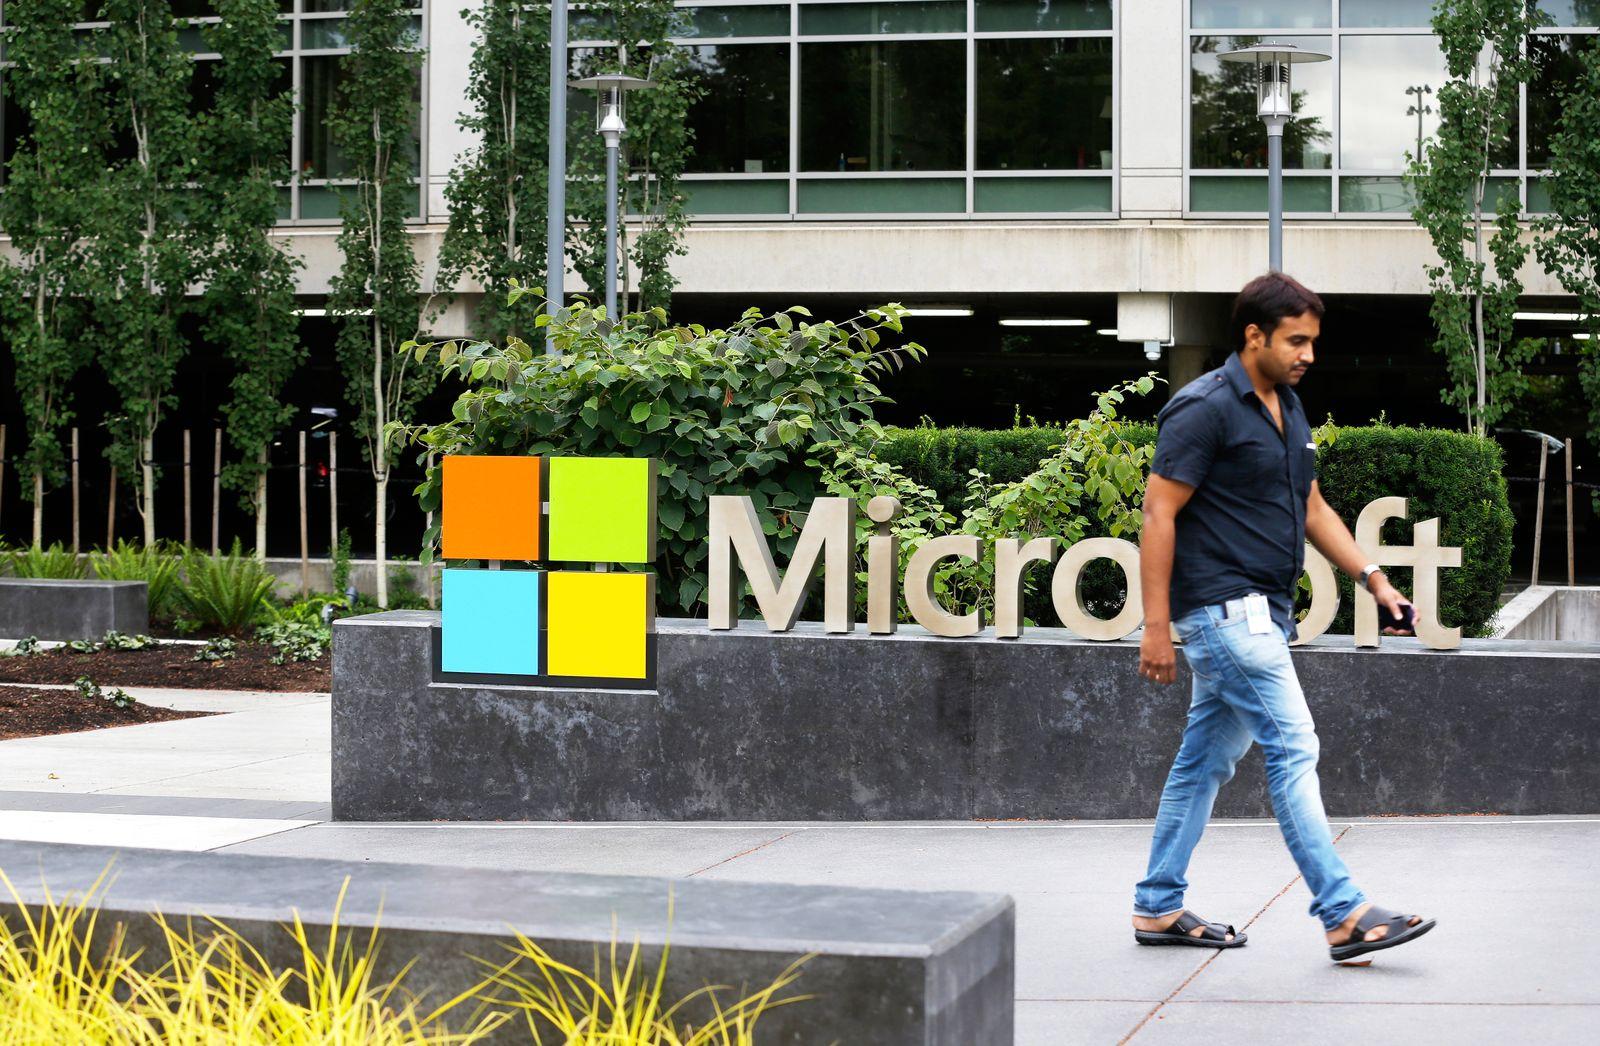 Microsoft / Zentrale / Mitarbeiter